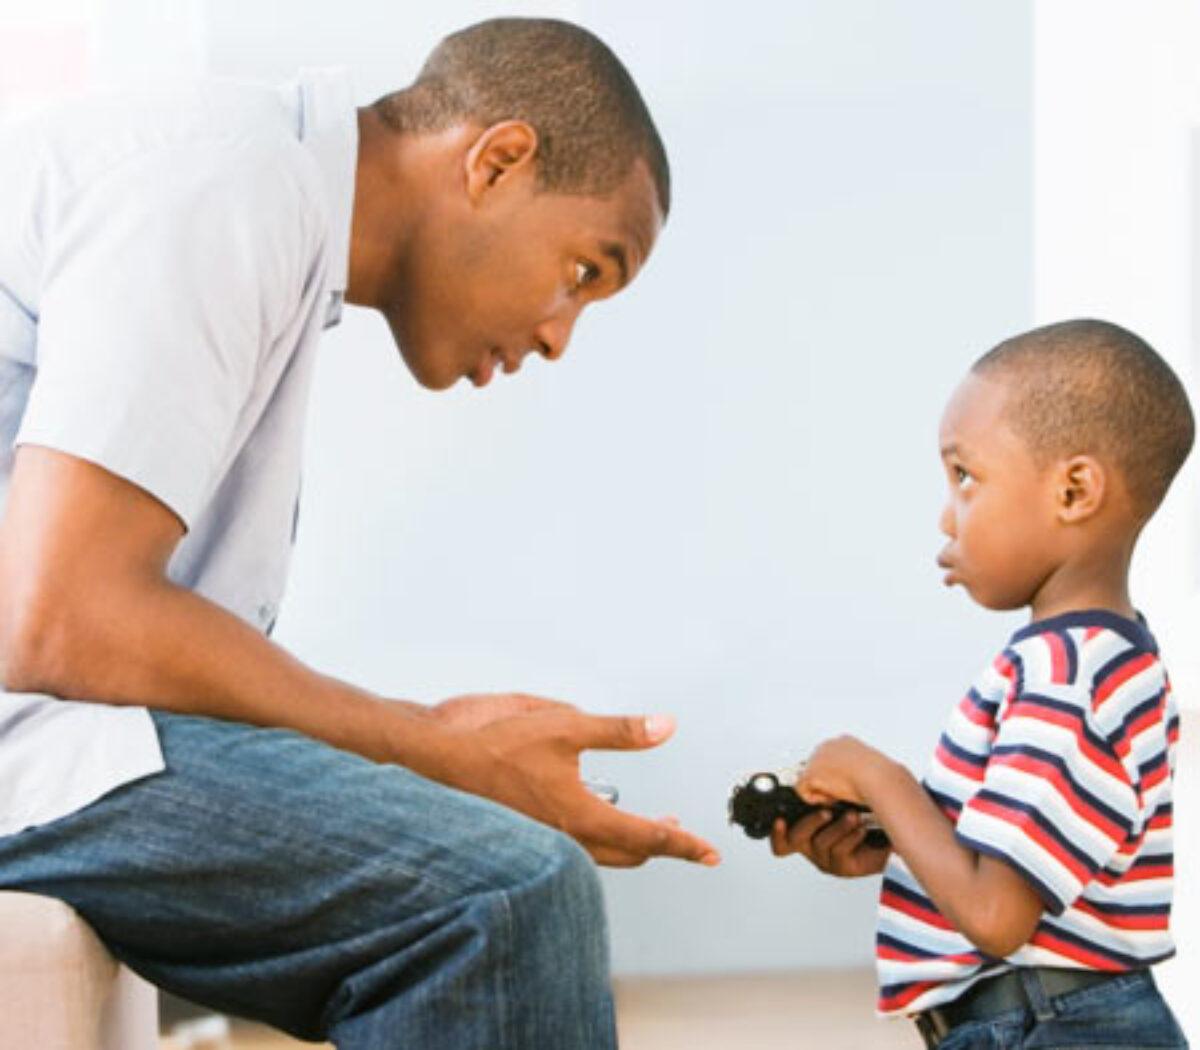 Γιατί είναι τόσο σημαντικό και αναγκαίο οι γονείς να λένε «όχι» στα παιδιά τους;